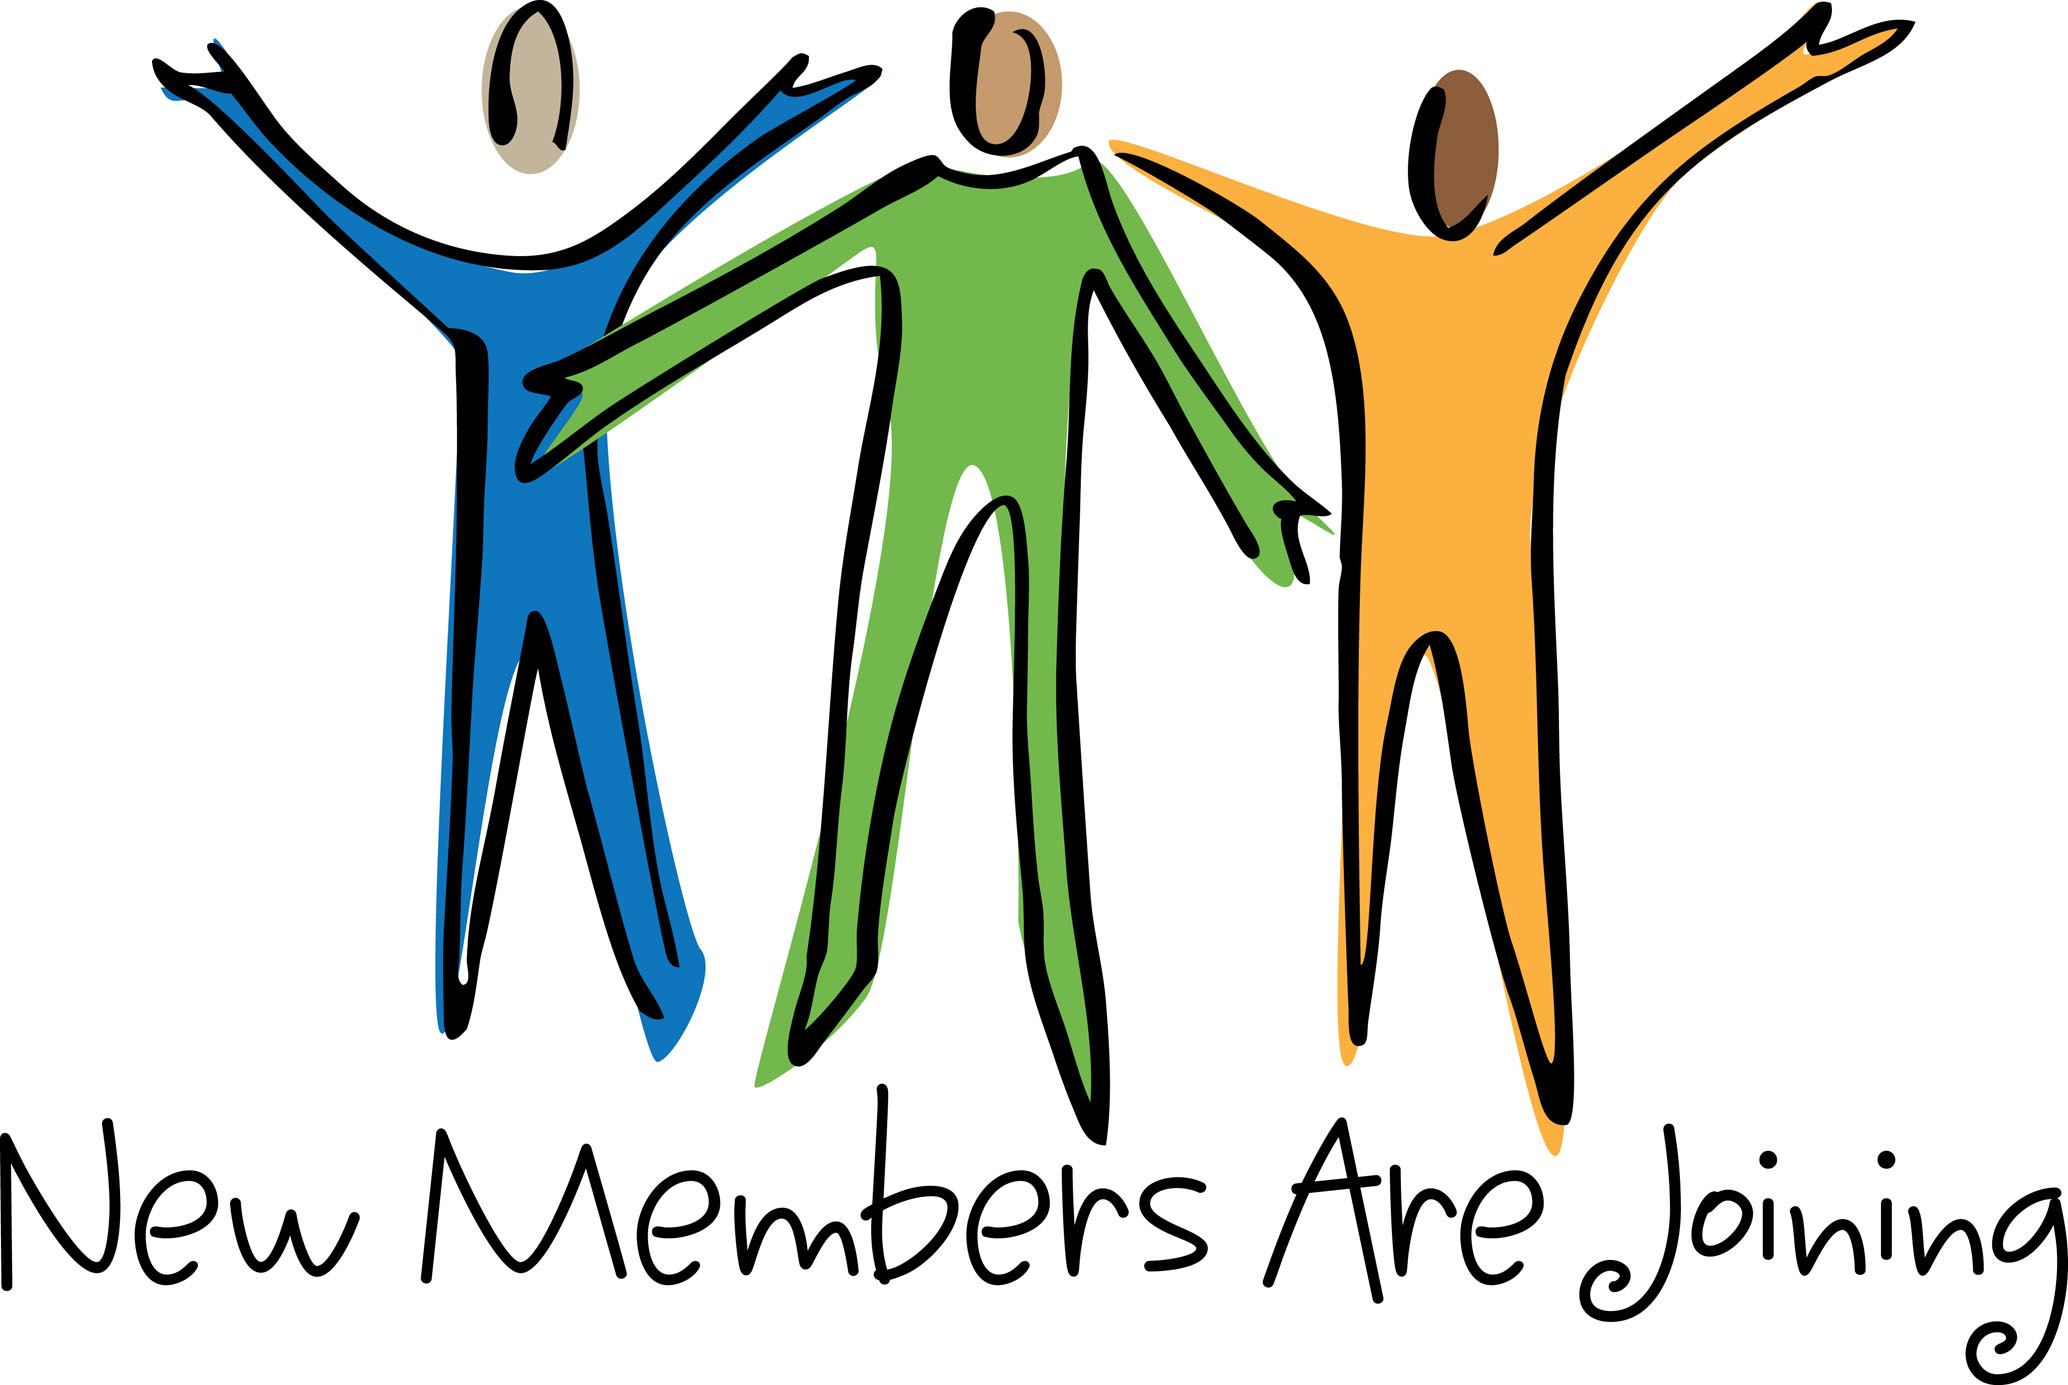 2068x1385 Membership Clipart